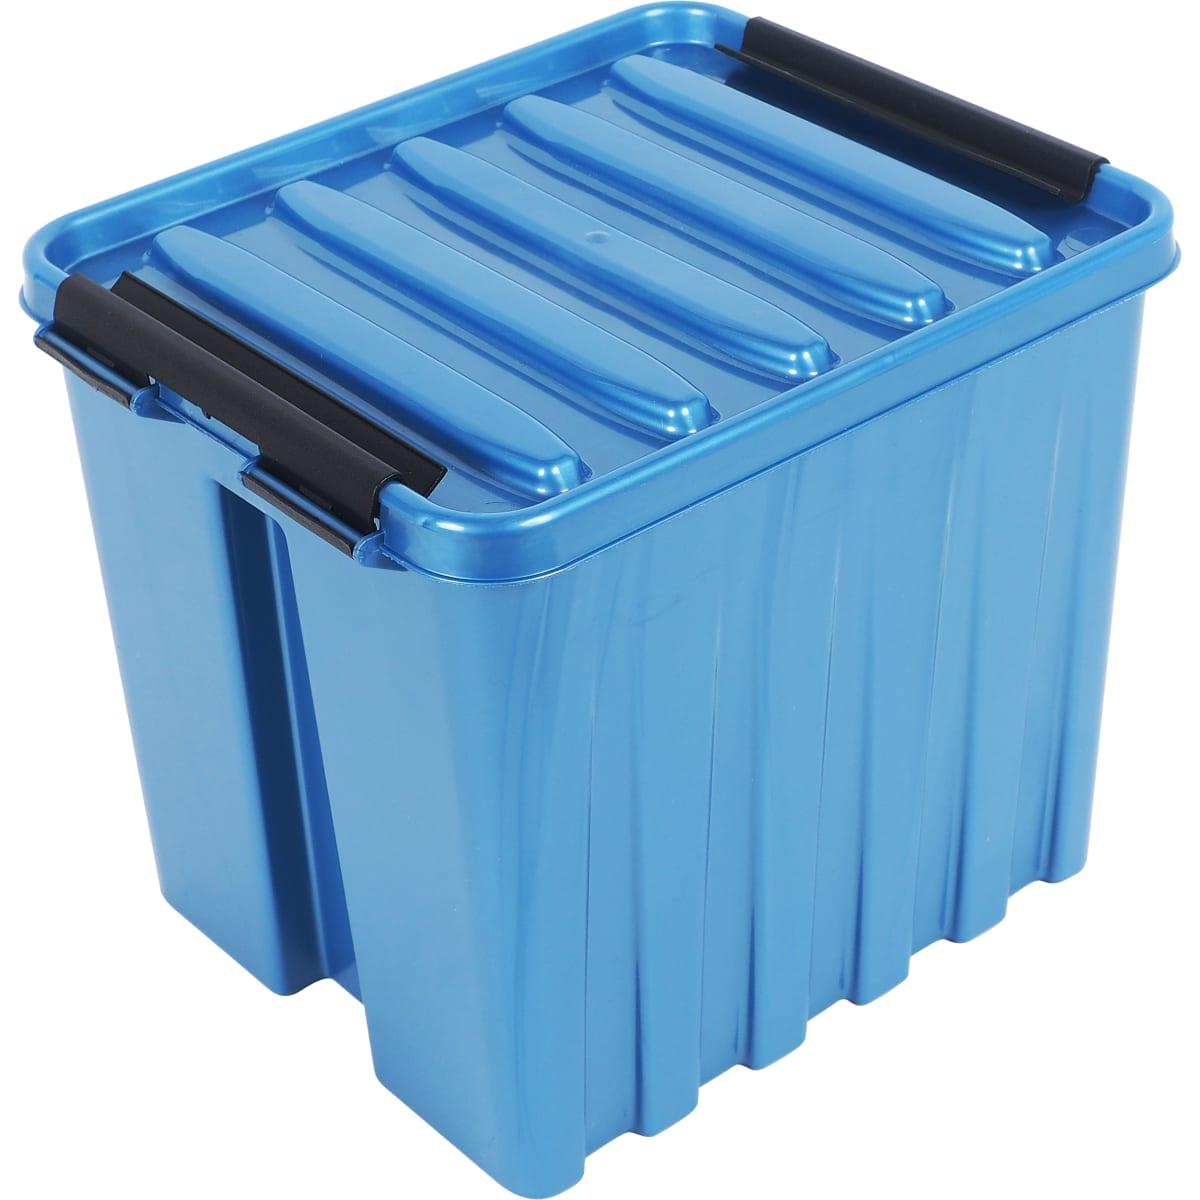 Контейнер Rox Box с крышкой 17x18x21 см, 4.5 л, пластик цвет синий